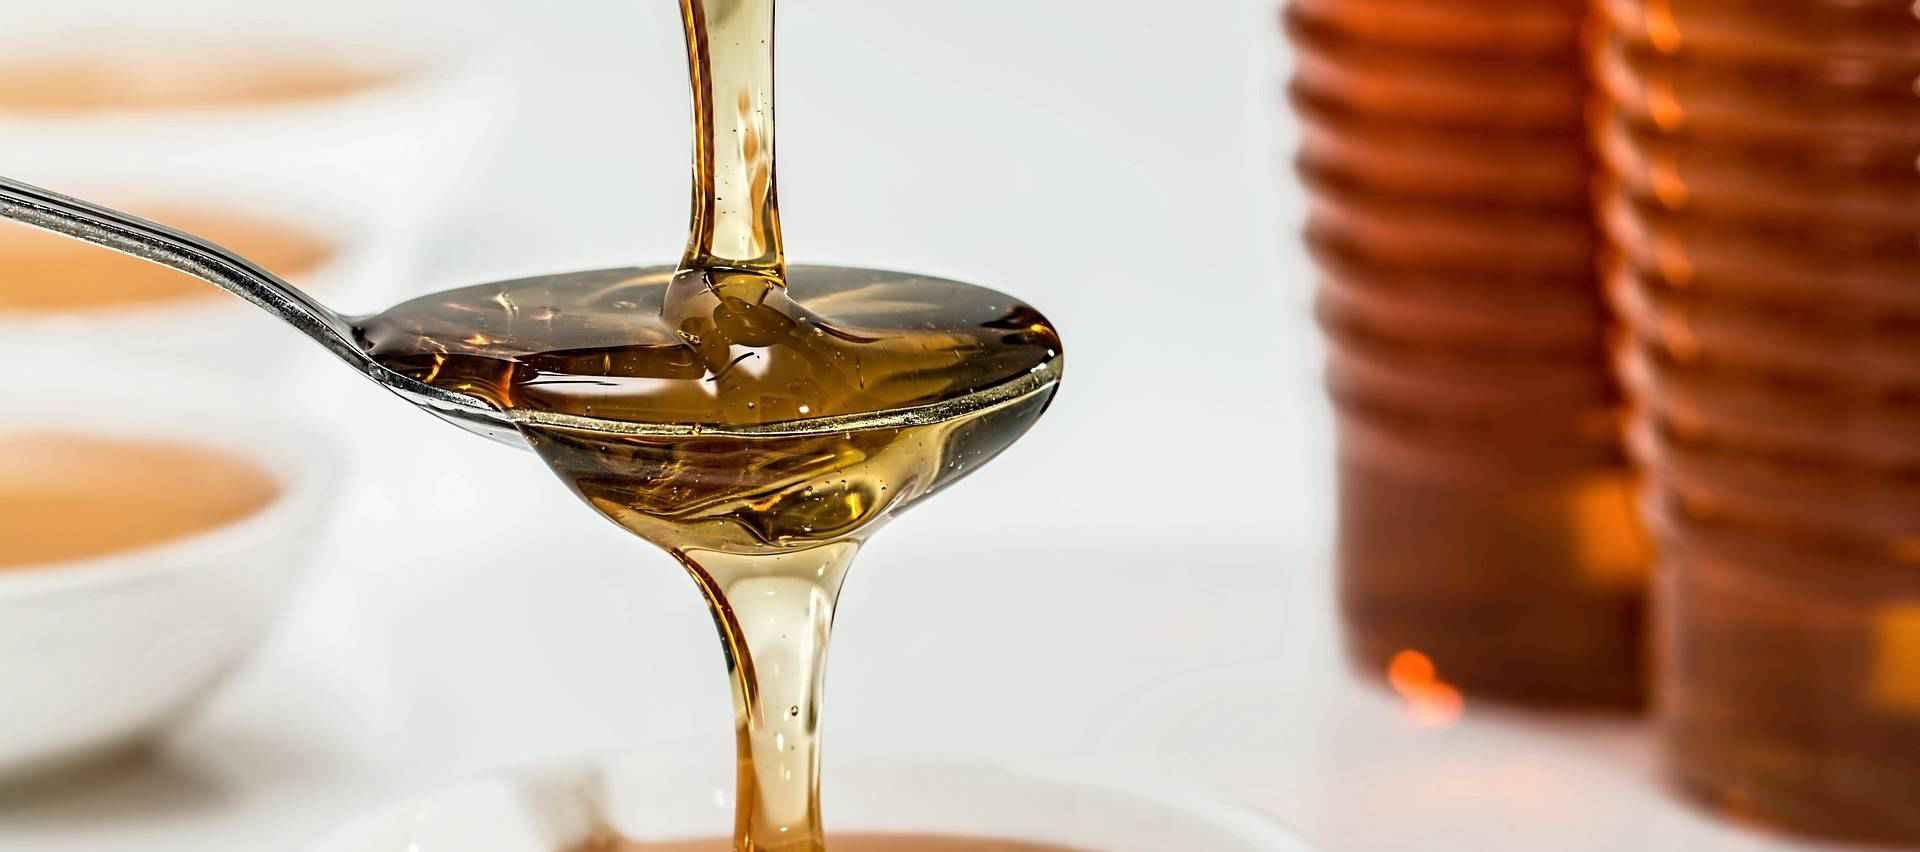 О вреде меда: почему его нельзя есть много?